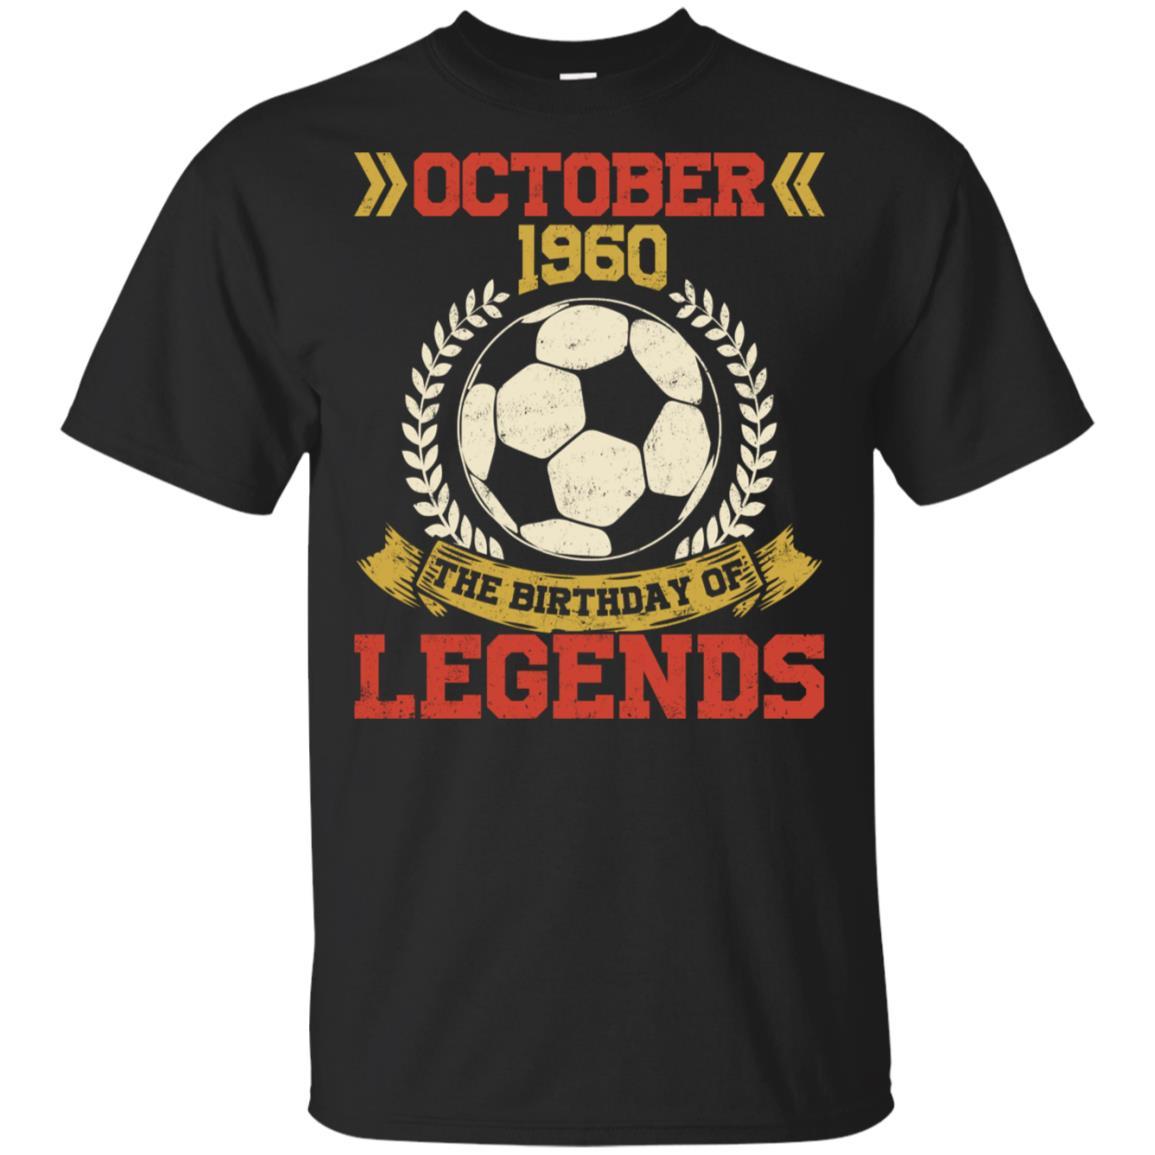 1960 October 58th Birthday Of Football Soccer Legend Unisex Short Sleeve